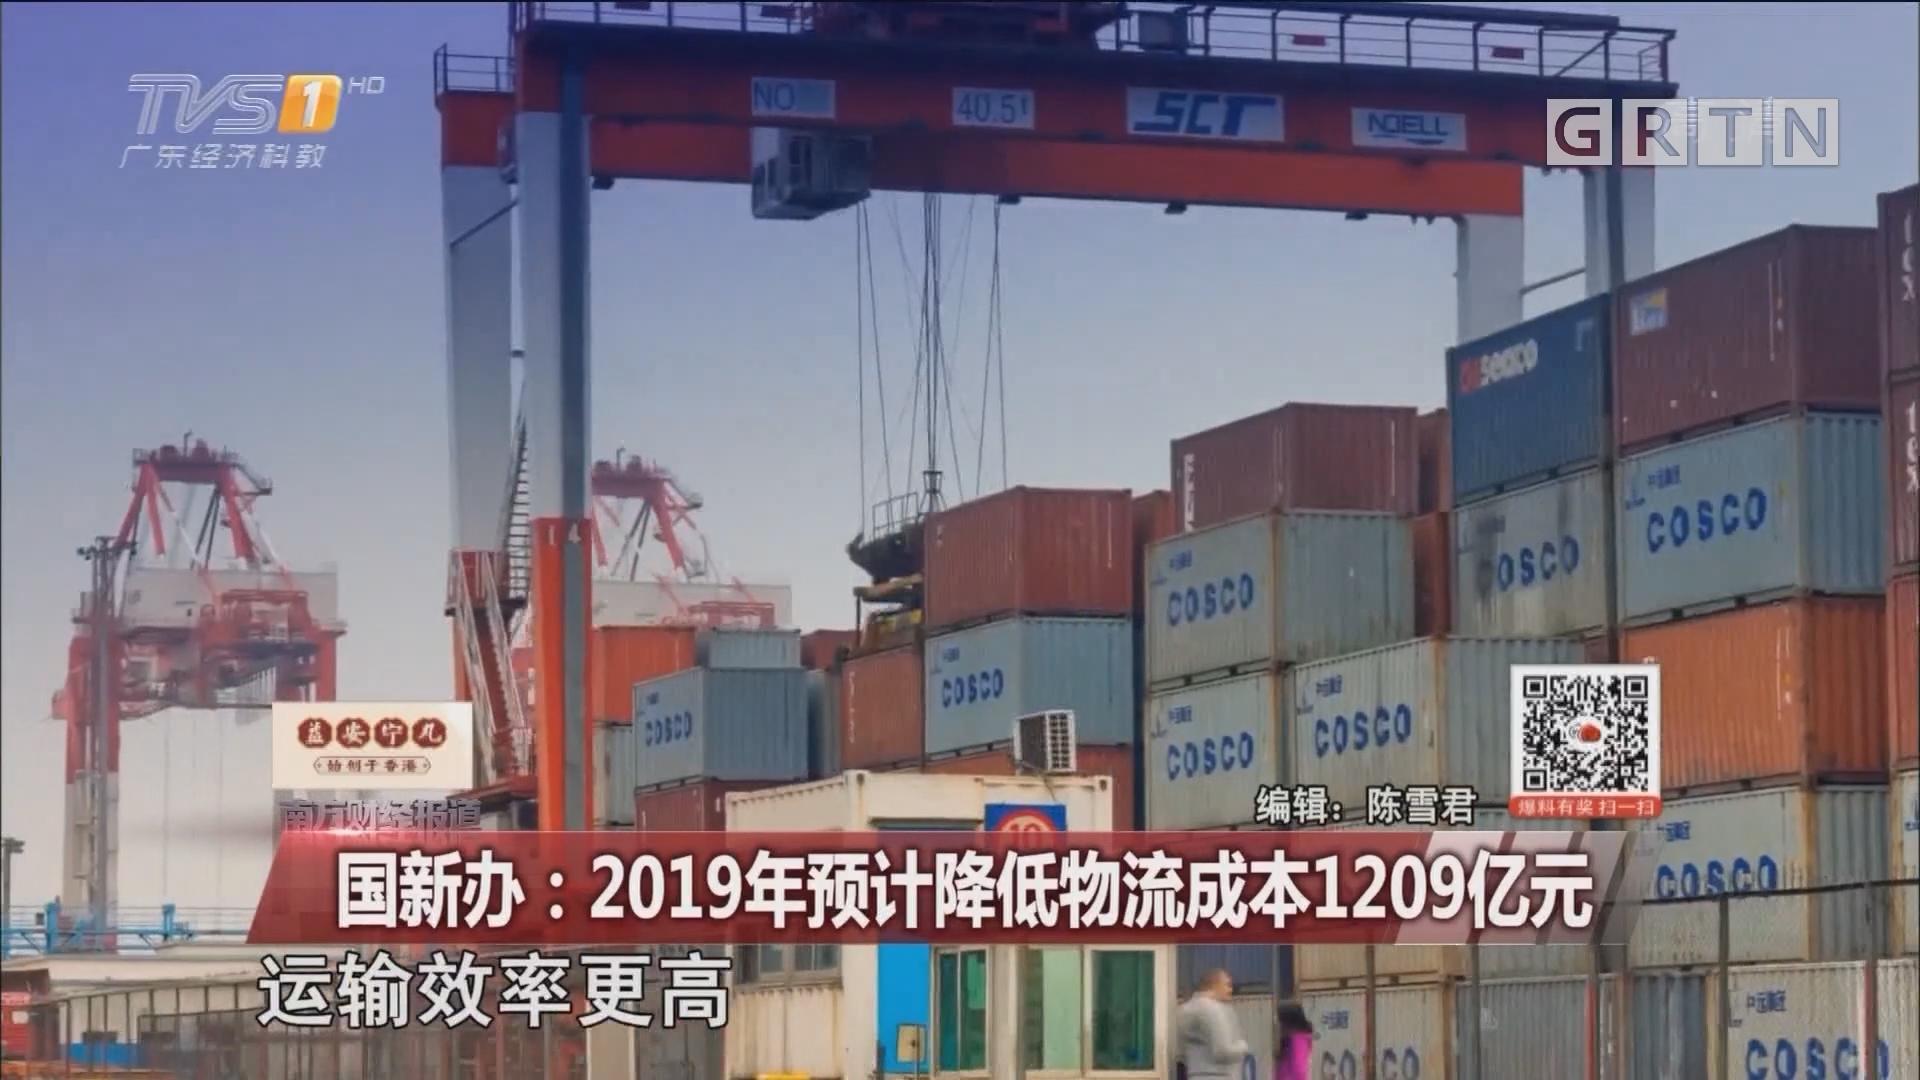 国新办:2019年预计降低物流成本1209亿元